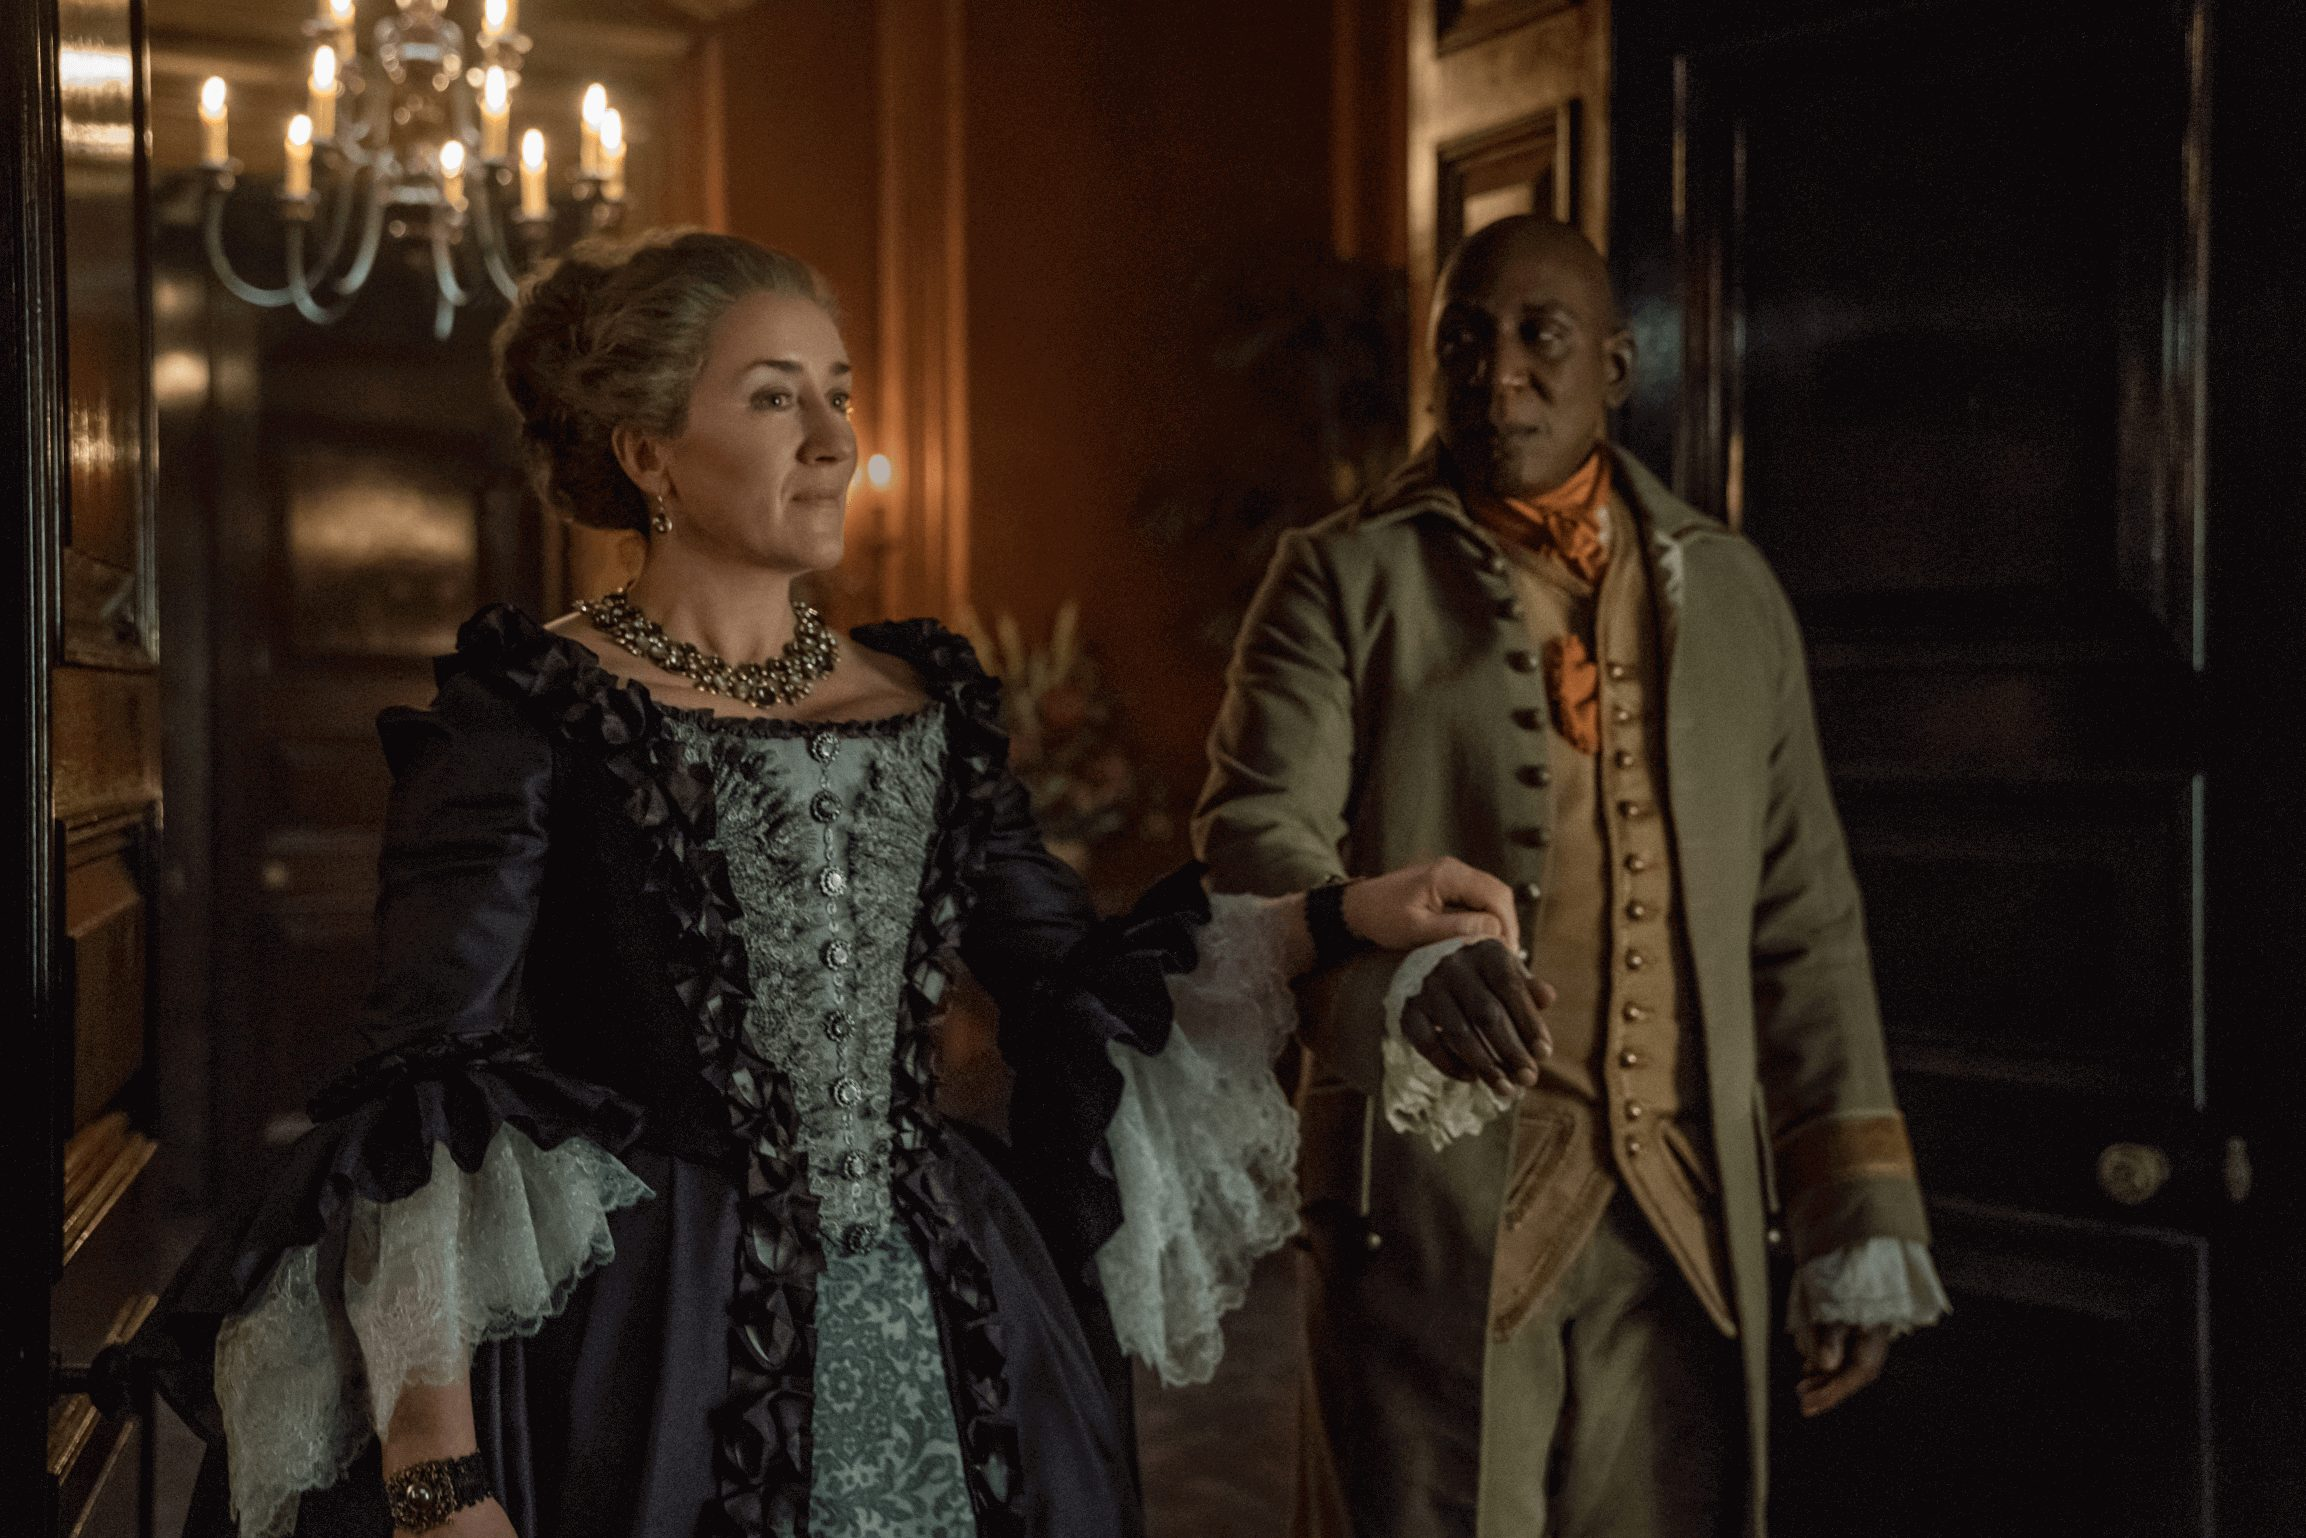 Outlander--Episode 11--If Not For Hope--Maria Doyle Kennedy (Aunt Jocasta), Colin McFarlane (Ulysses)